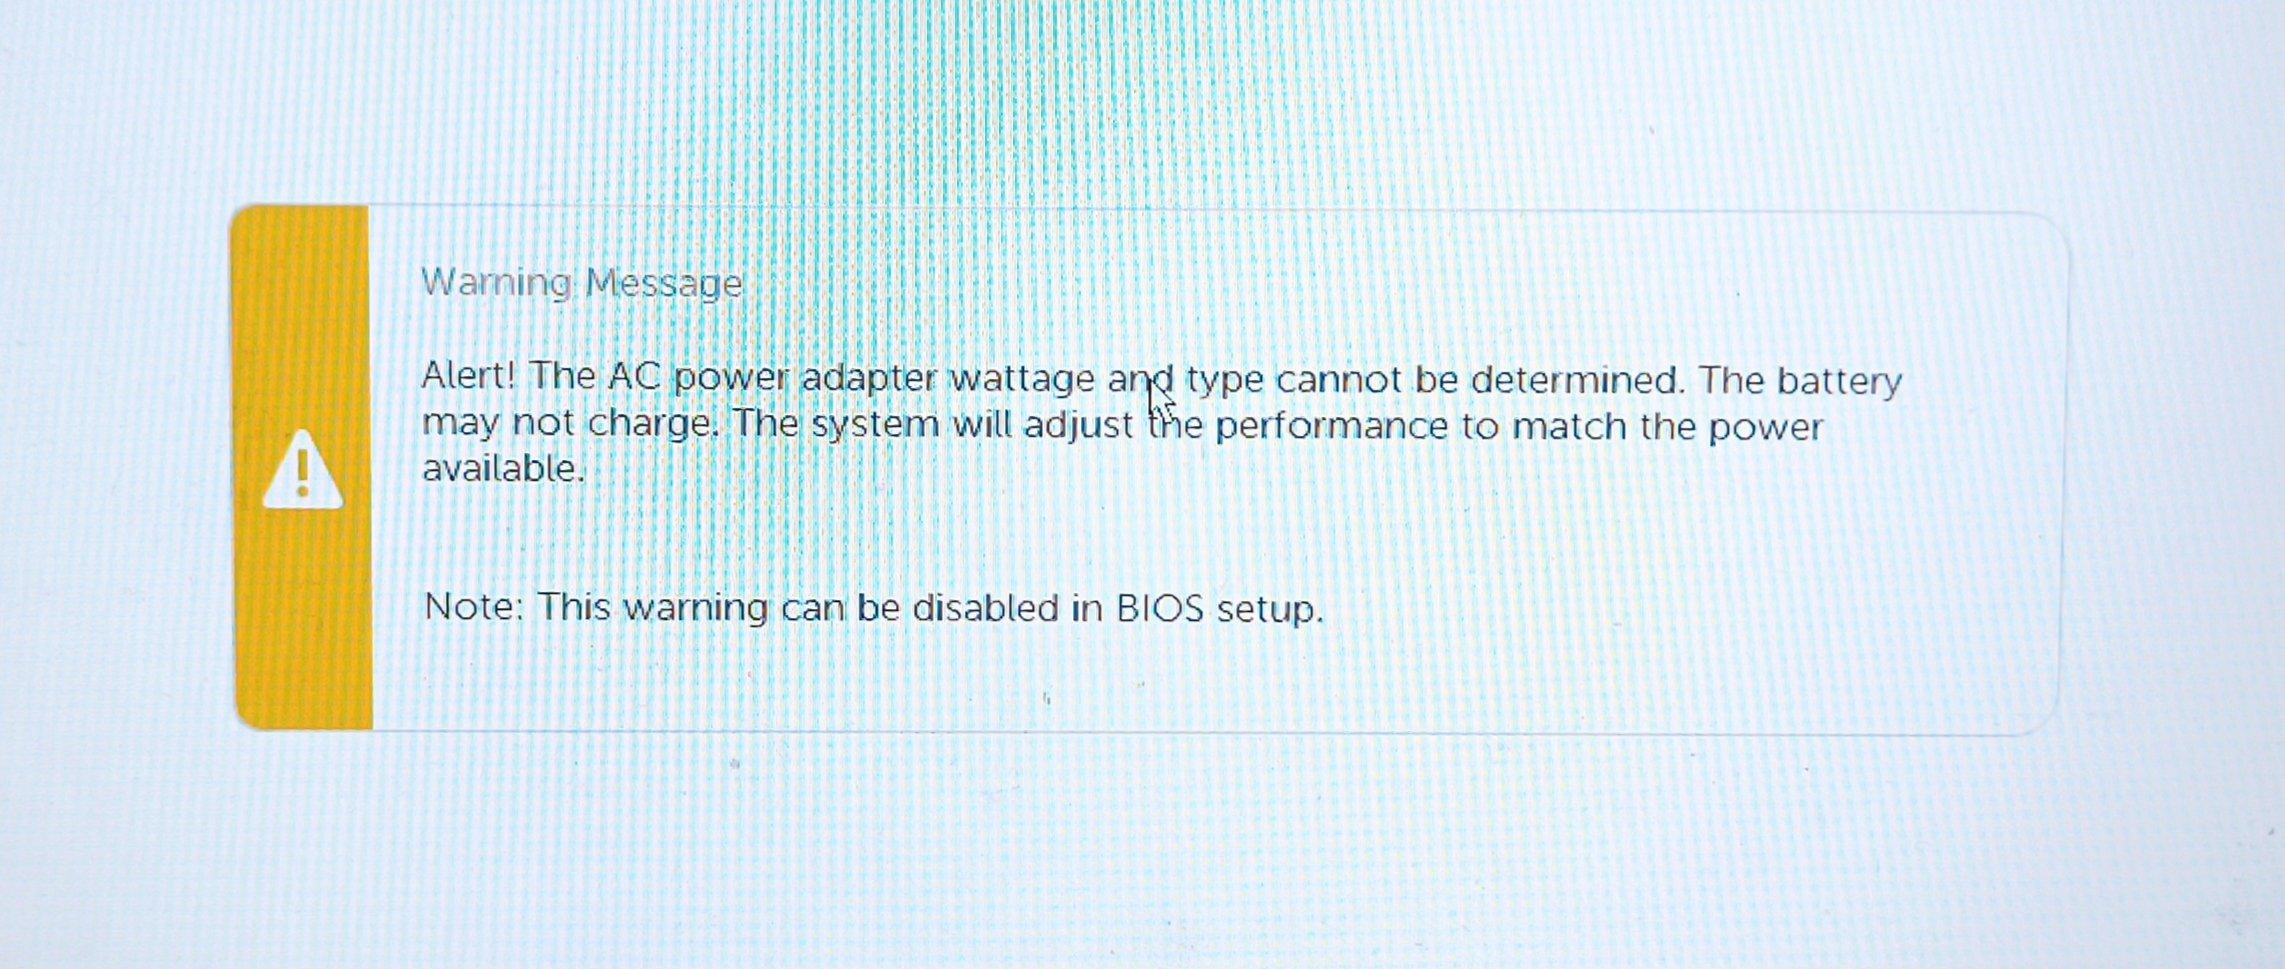 在Bios关闭戴尔笔记本电池警告!自检的电源适配器设置